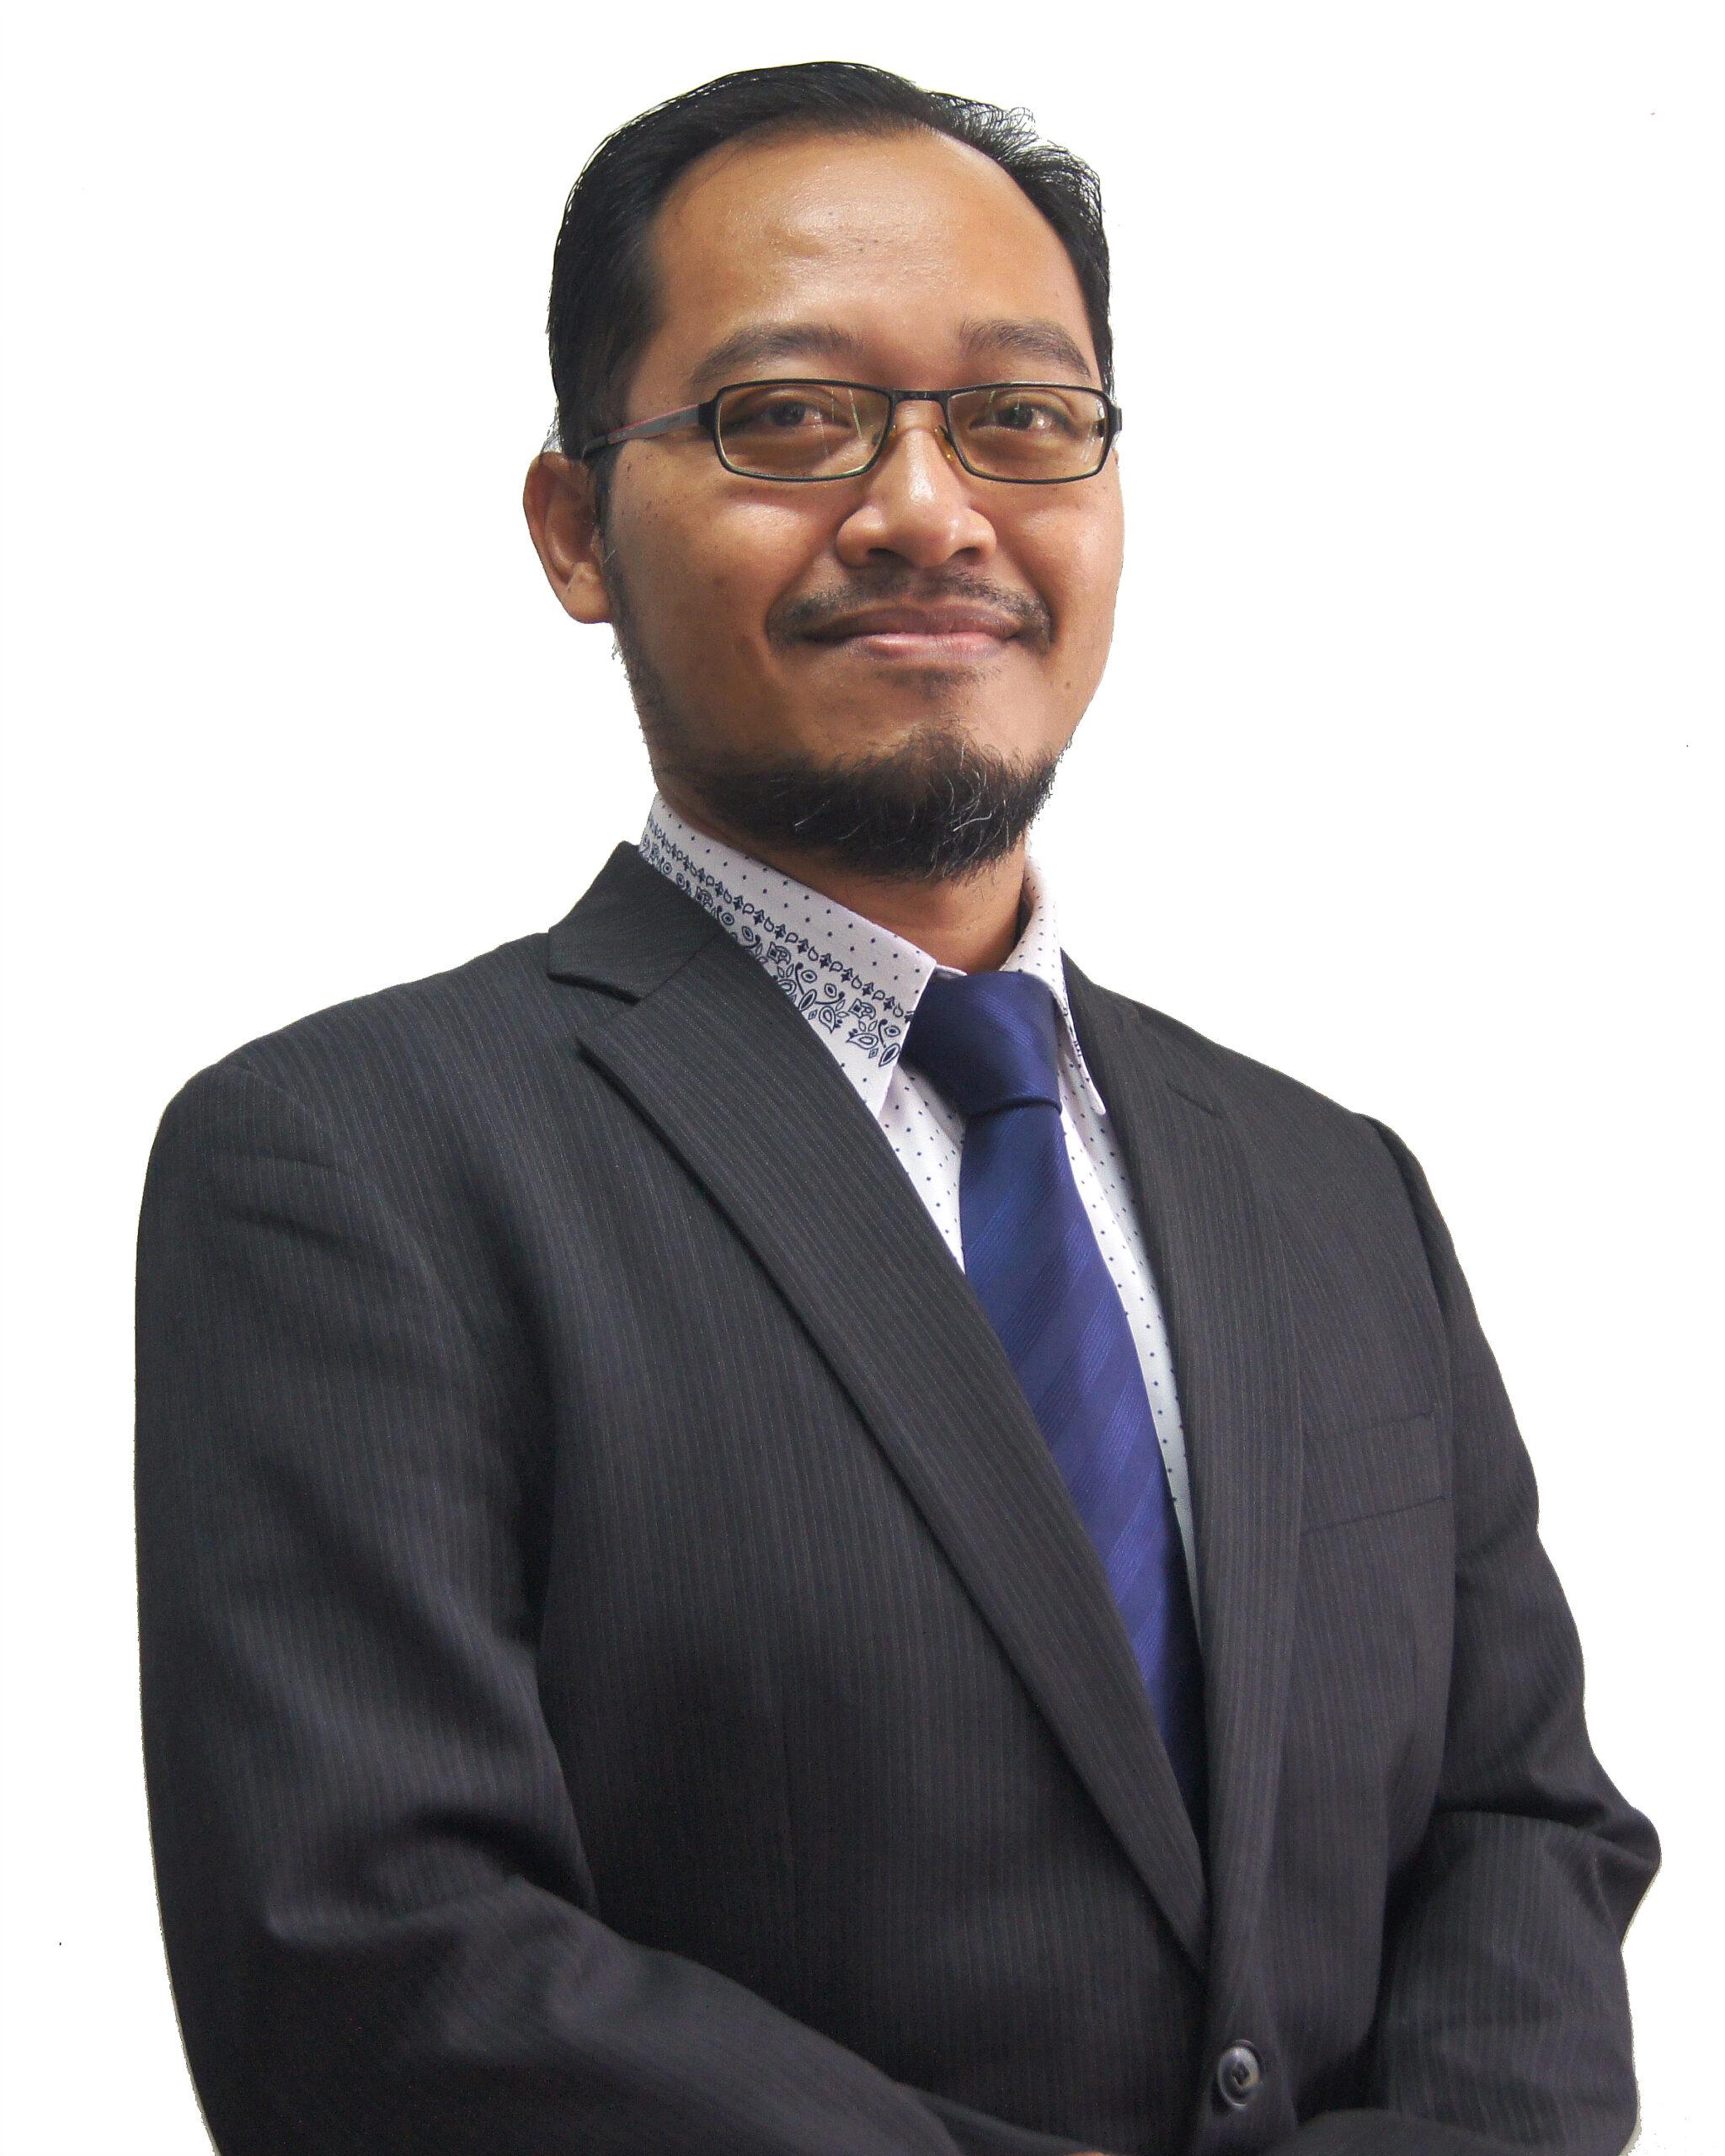 Mohd Ishamuddin Bin Md Kusmin